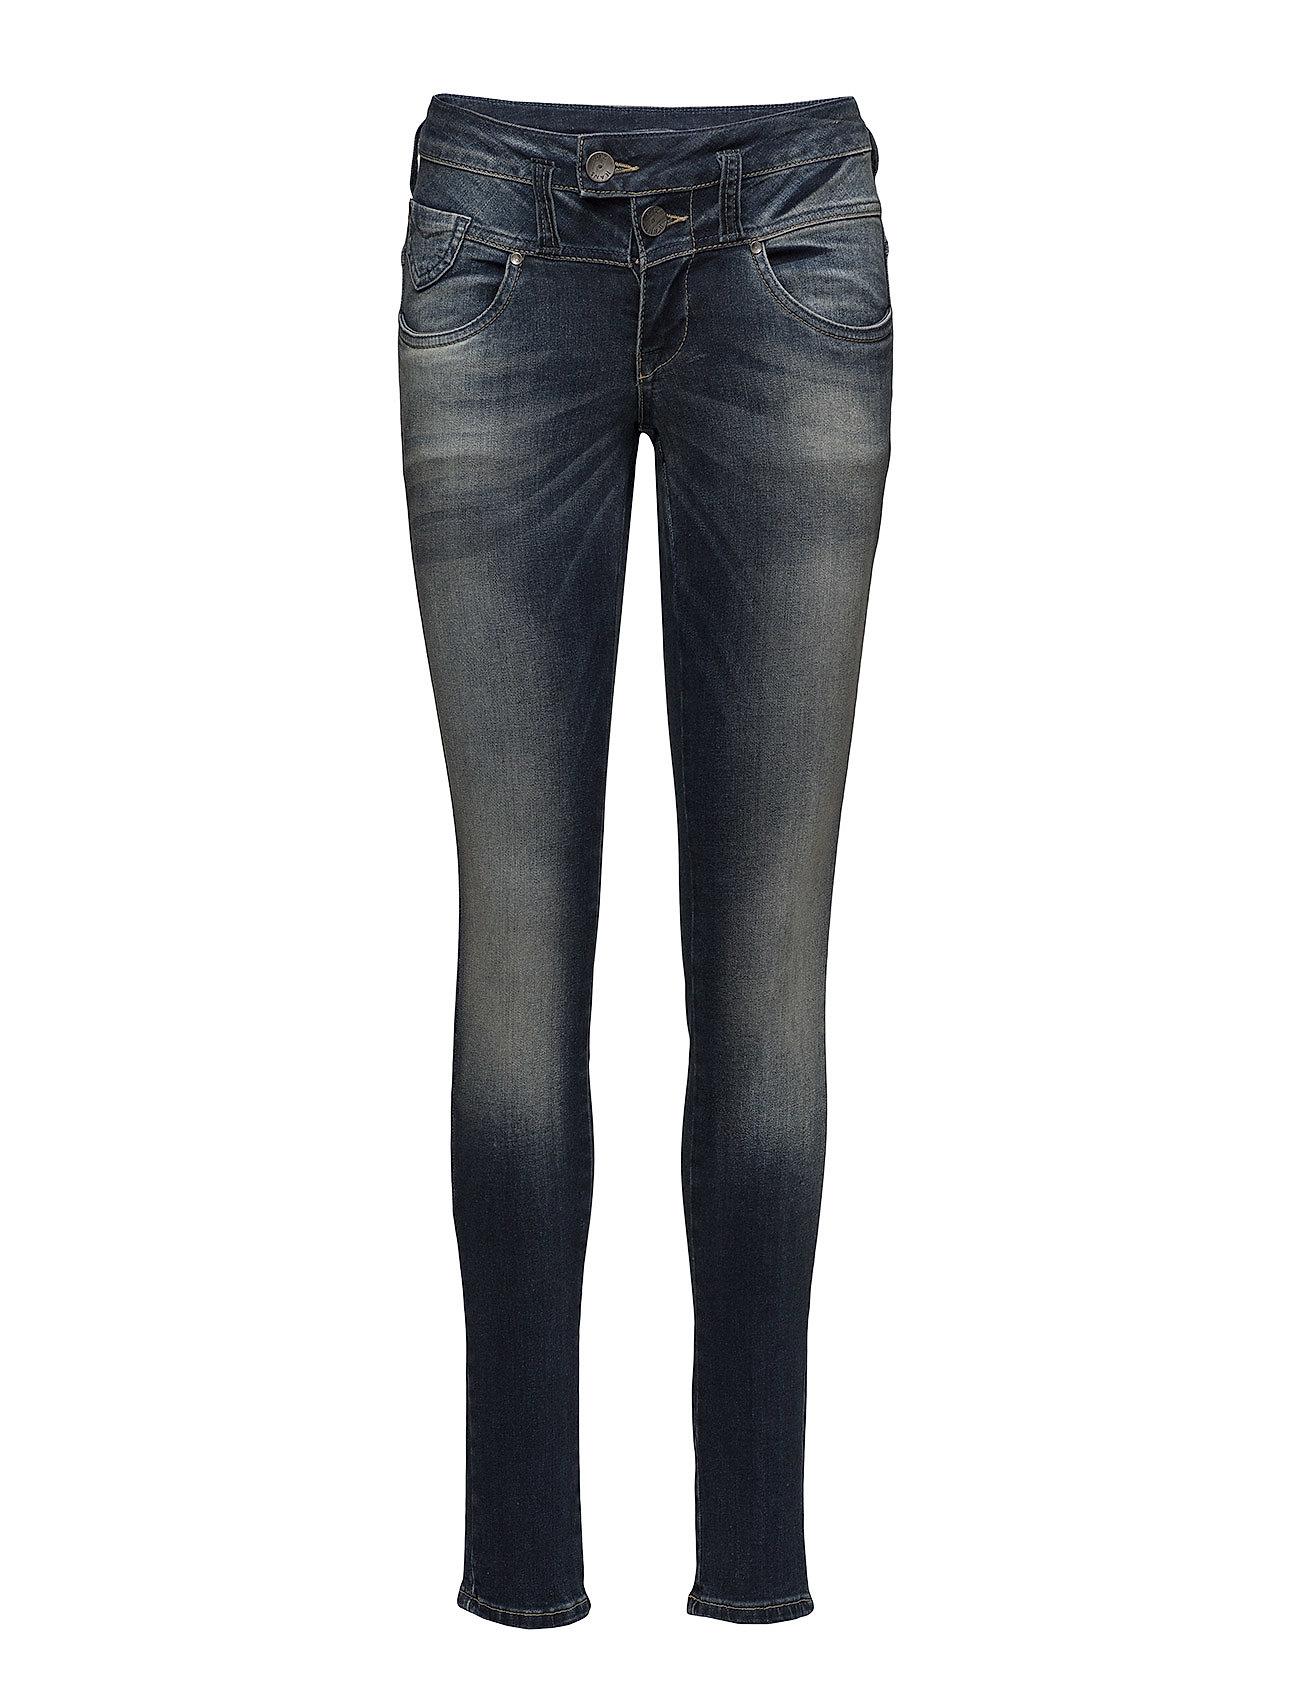 Pulz Jeans Anett Midwaist Skinny - DARK BLUE